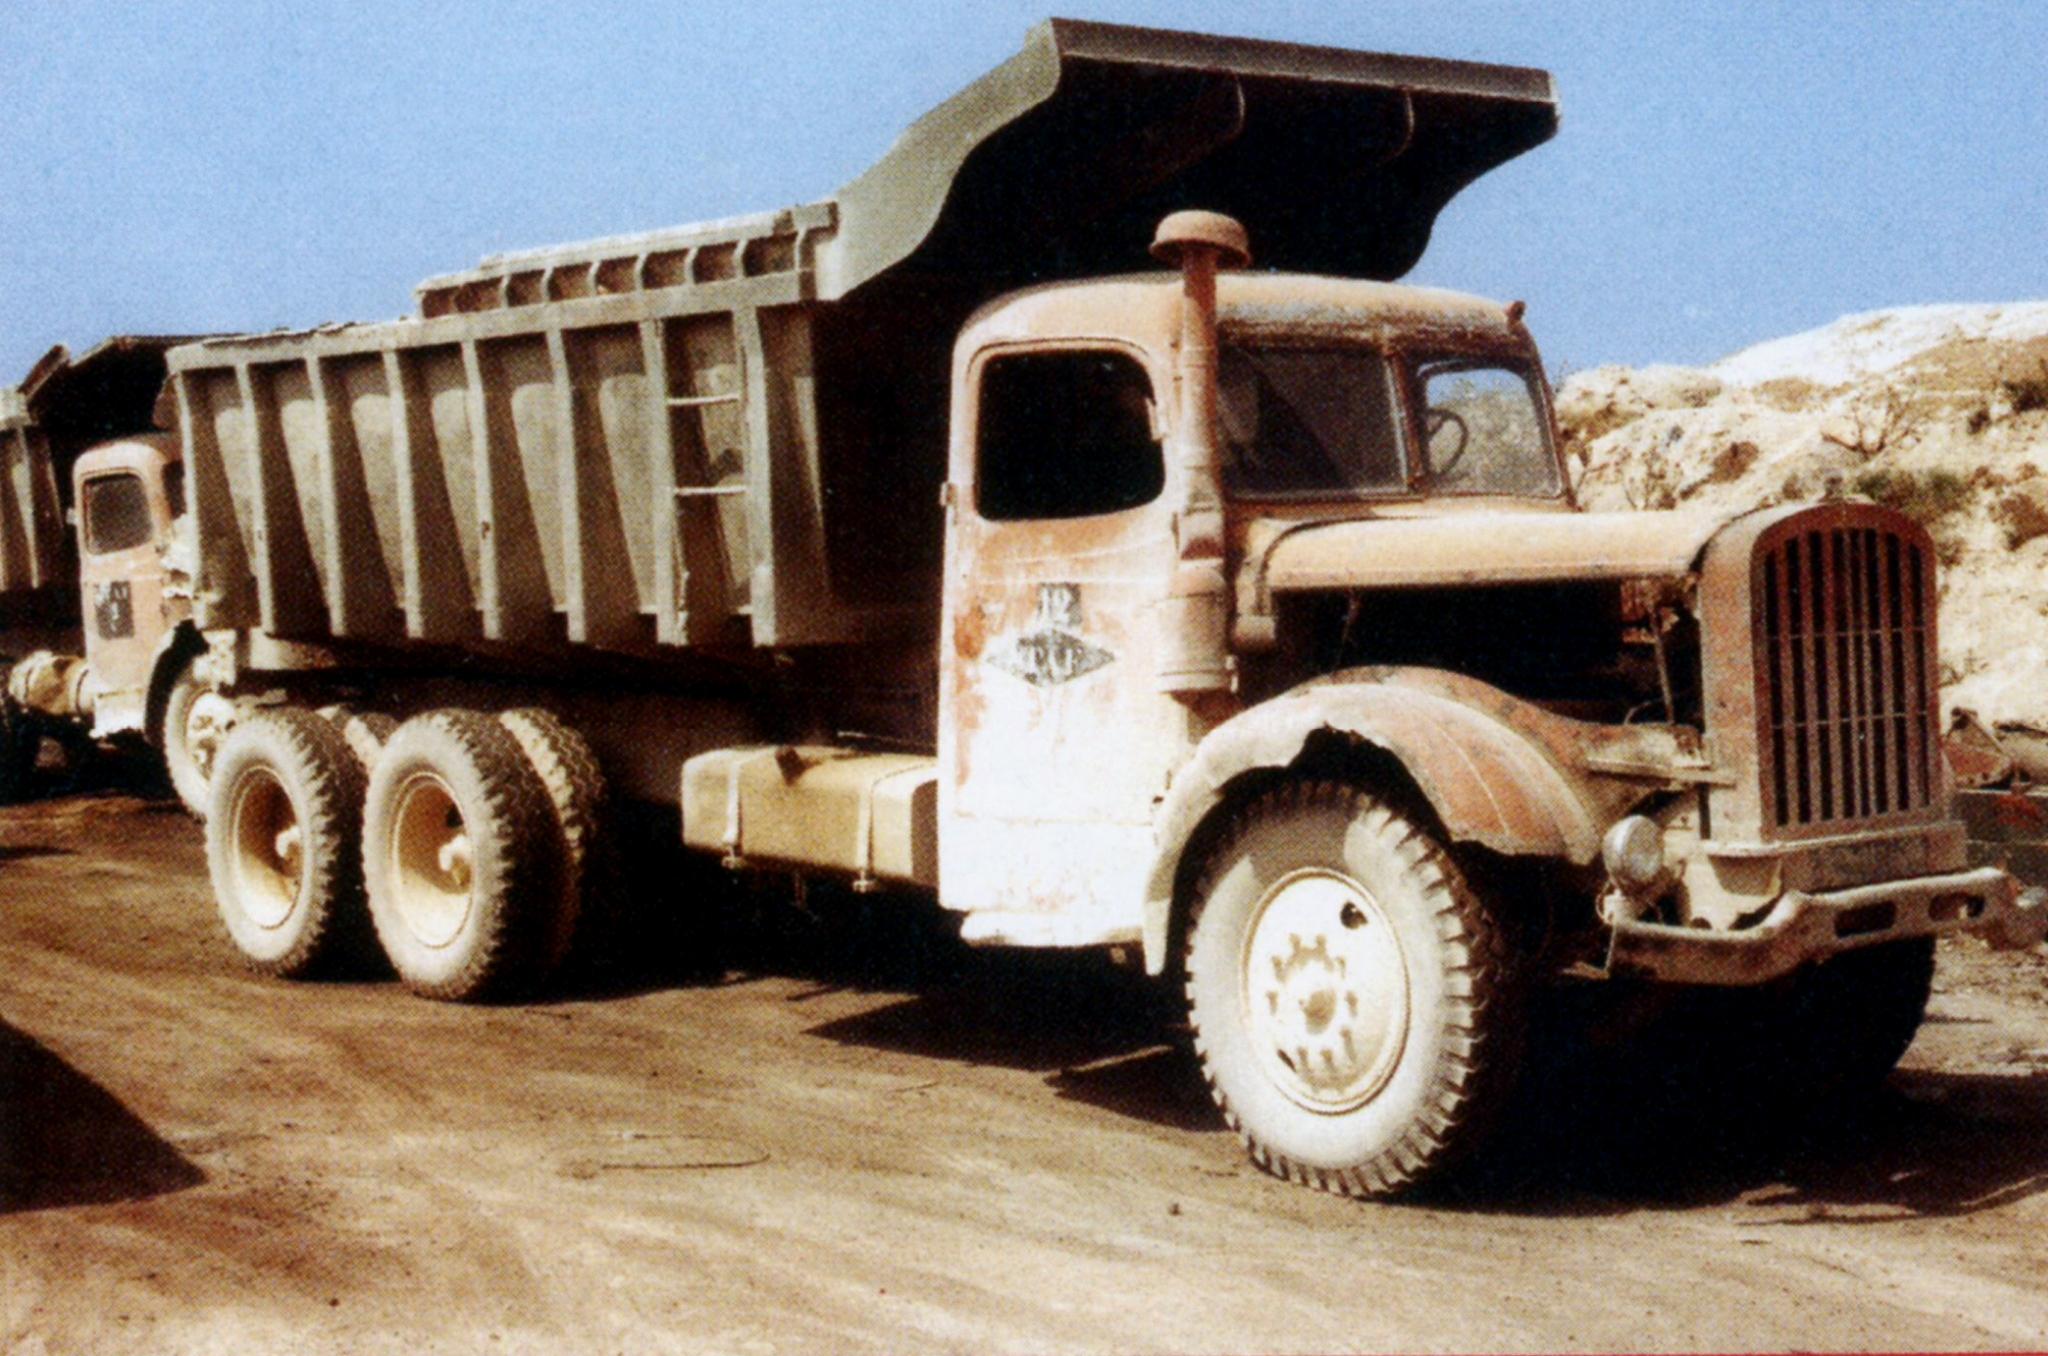 Transport Routier au Maroc - Histoire - Page 2 49882255642_412f40c8d4_o_d